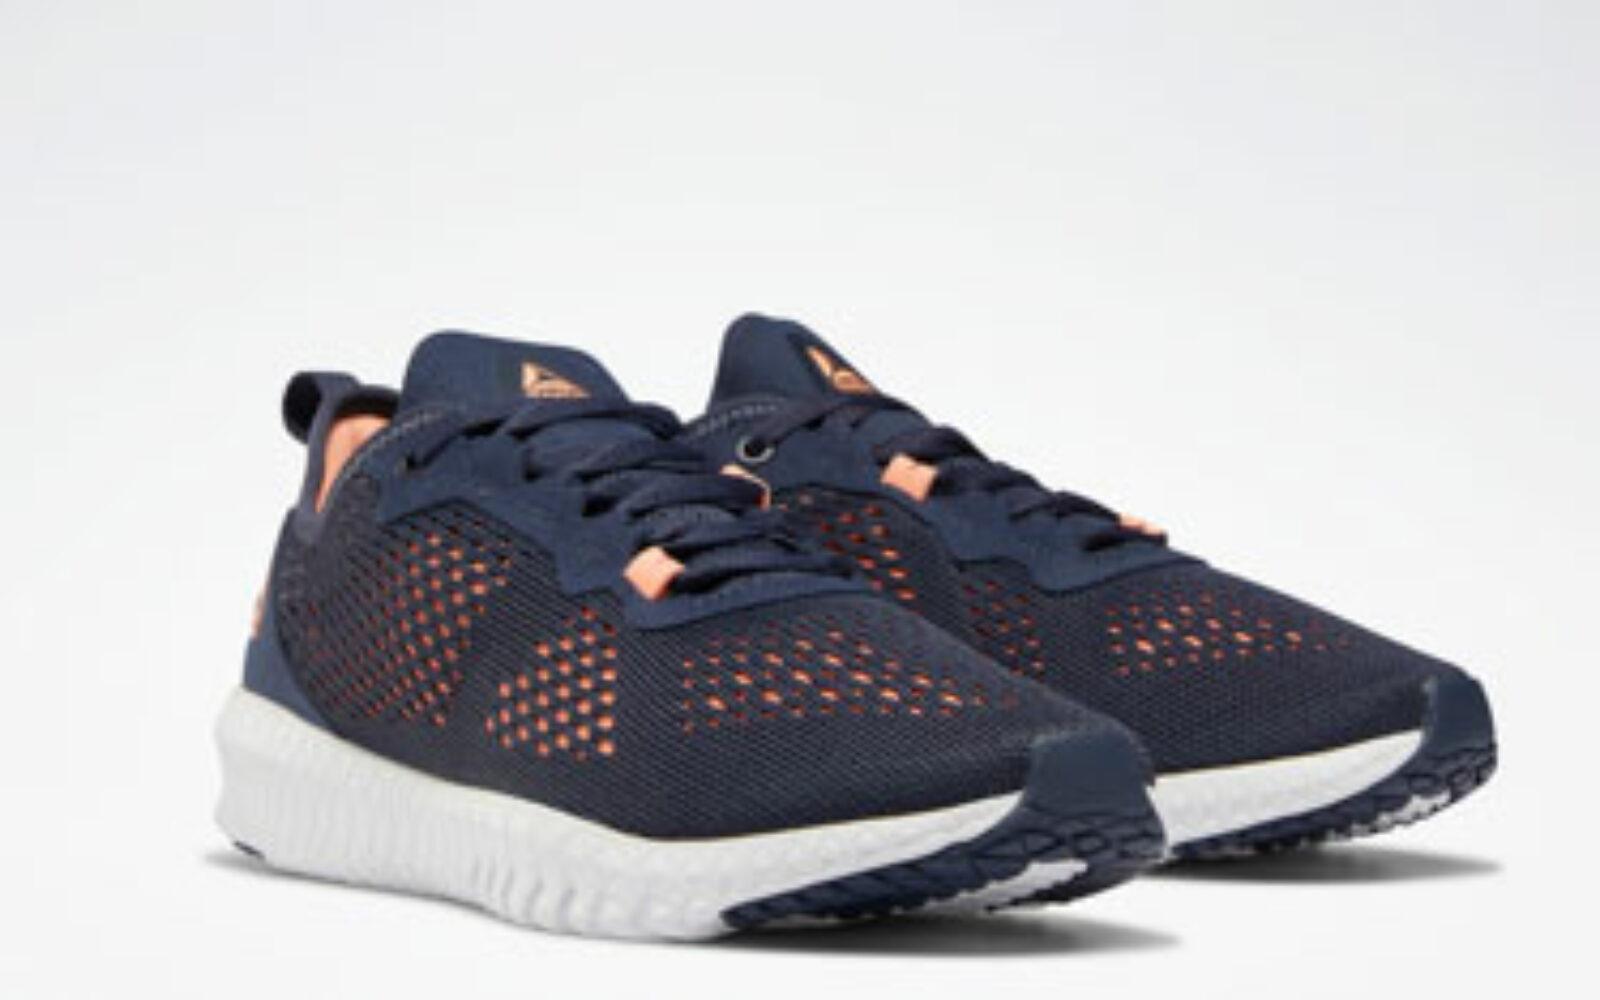 Reebok Flexagon, una scarpa stilosa pensata per i workout più intensi, con strap elasticizzati per unire comfort e supporto. Euro 79,95.